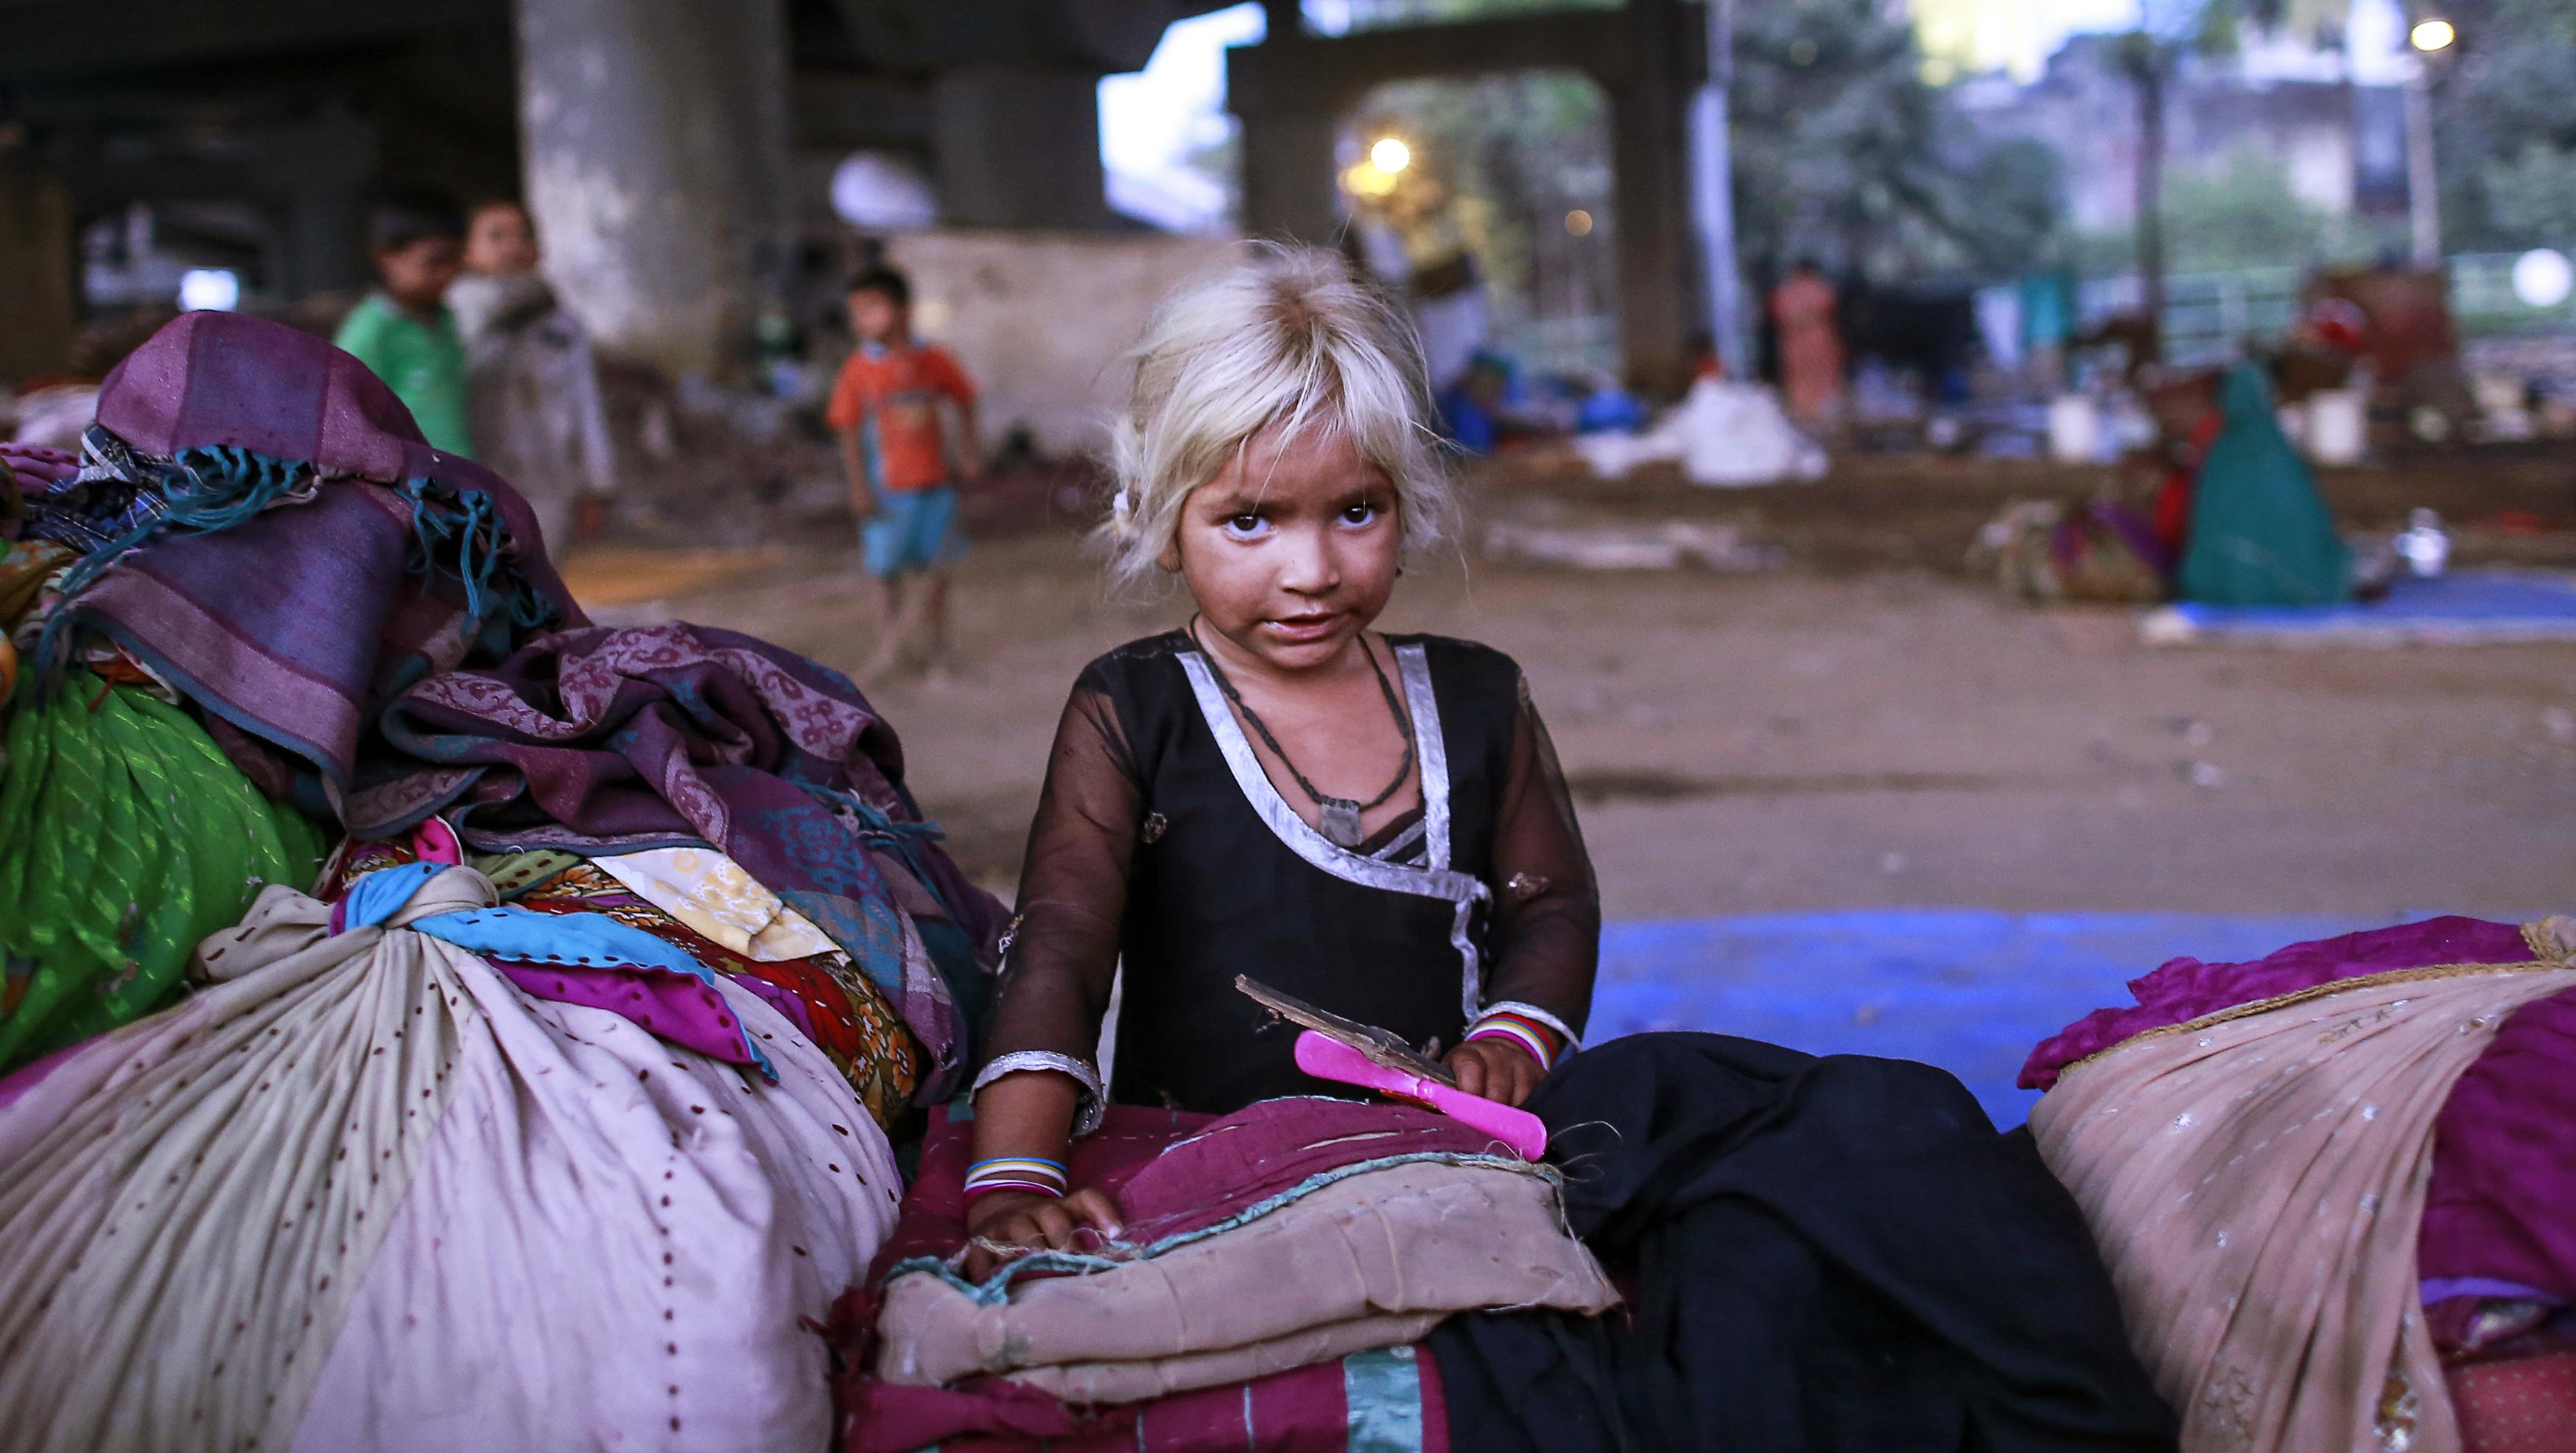 Reuters/Danish Siddiqui